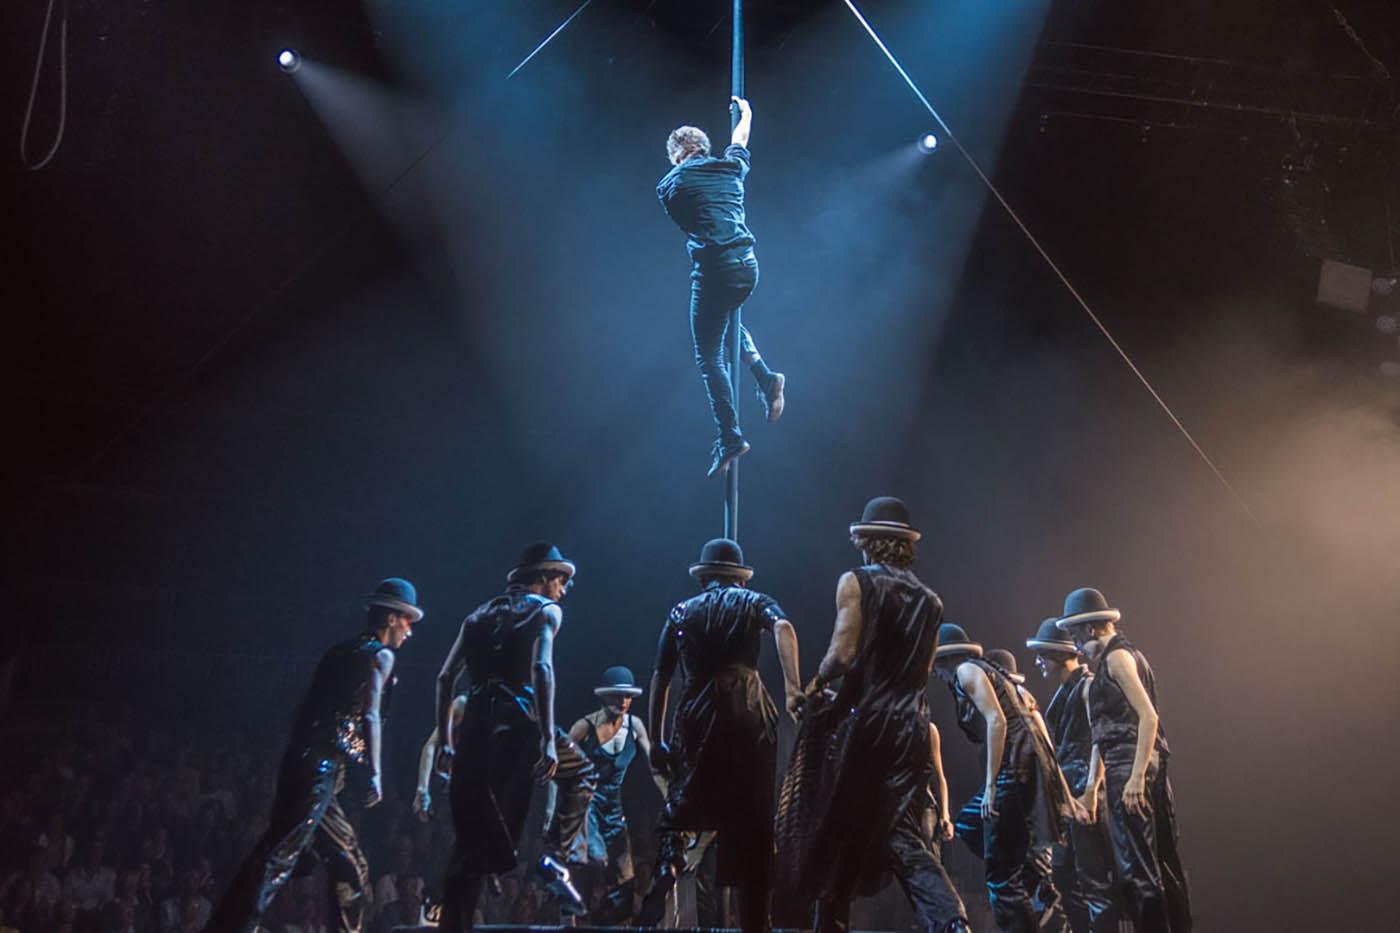 Ting-by-Scapino-Ballet-de-Nits-en-Codarts-Circus-zo-25-sept-2016-53